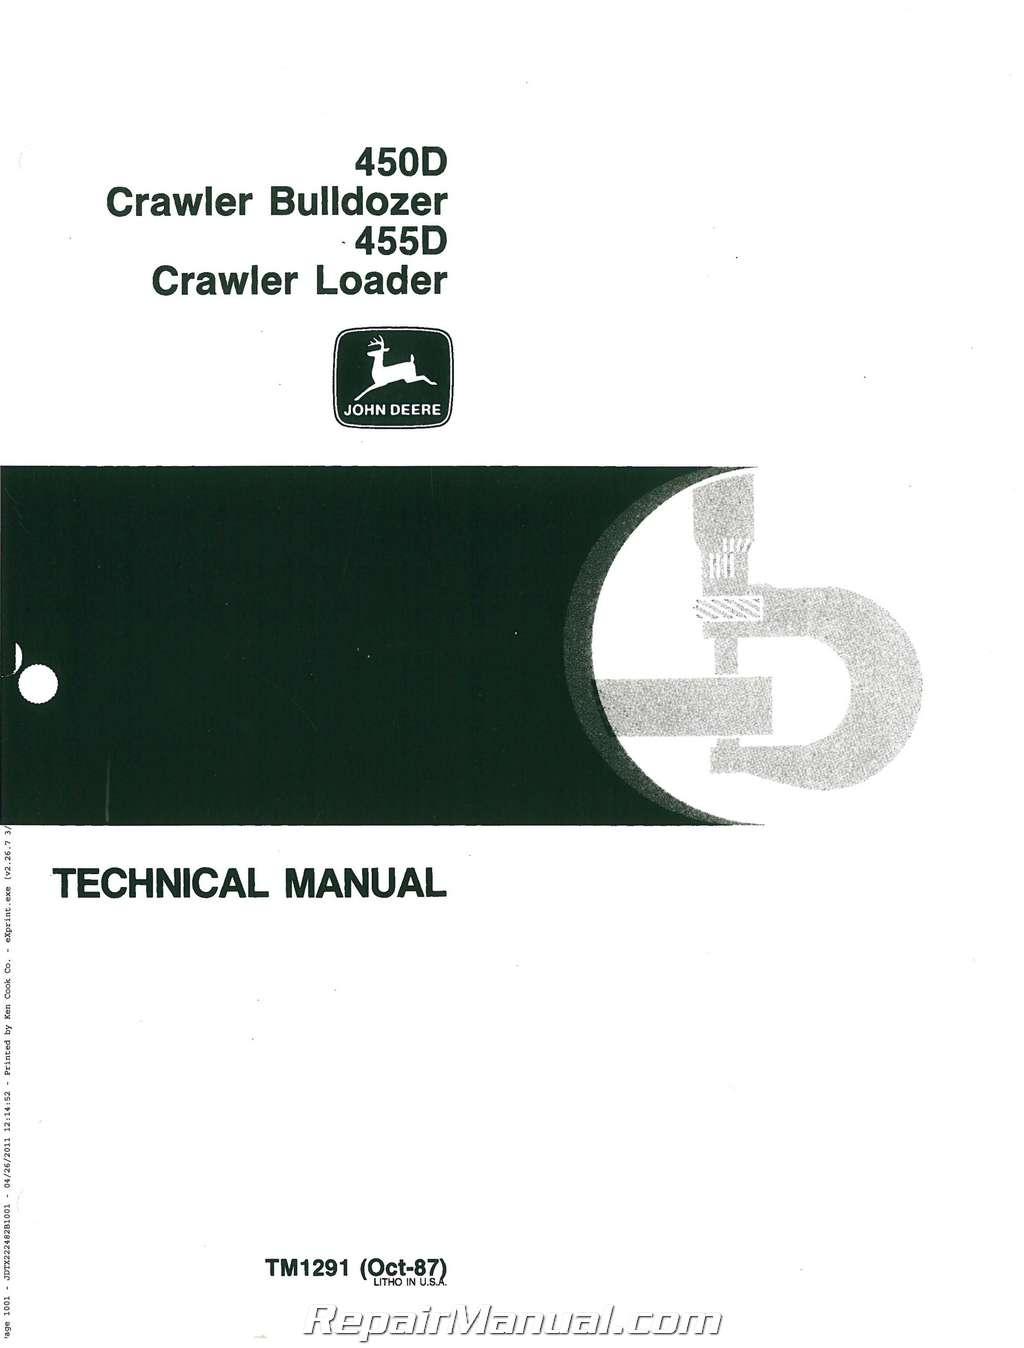 john deere 450d 455d service manual rh repairmanual com canon 450d service manual yaesu 450d service manual